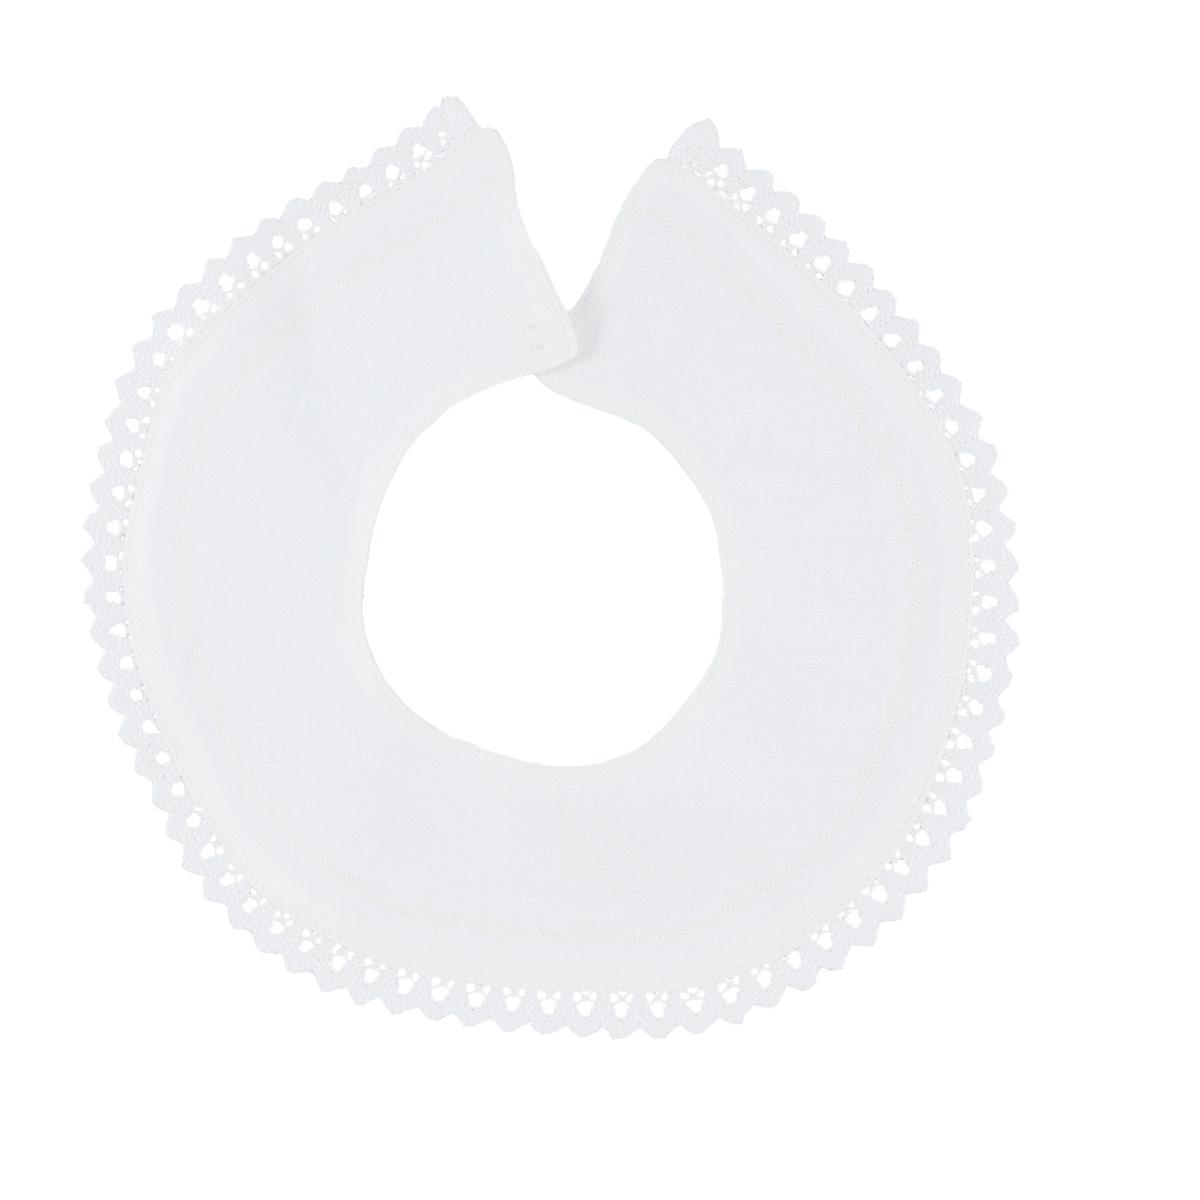 Minimundus krage med spets till dopklänning av ekologiskt lin vit